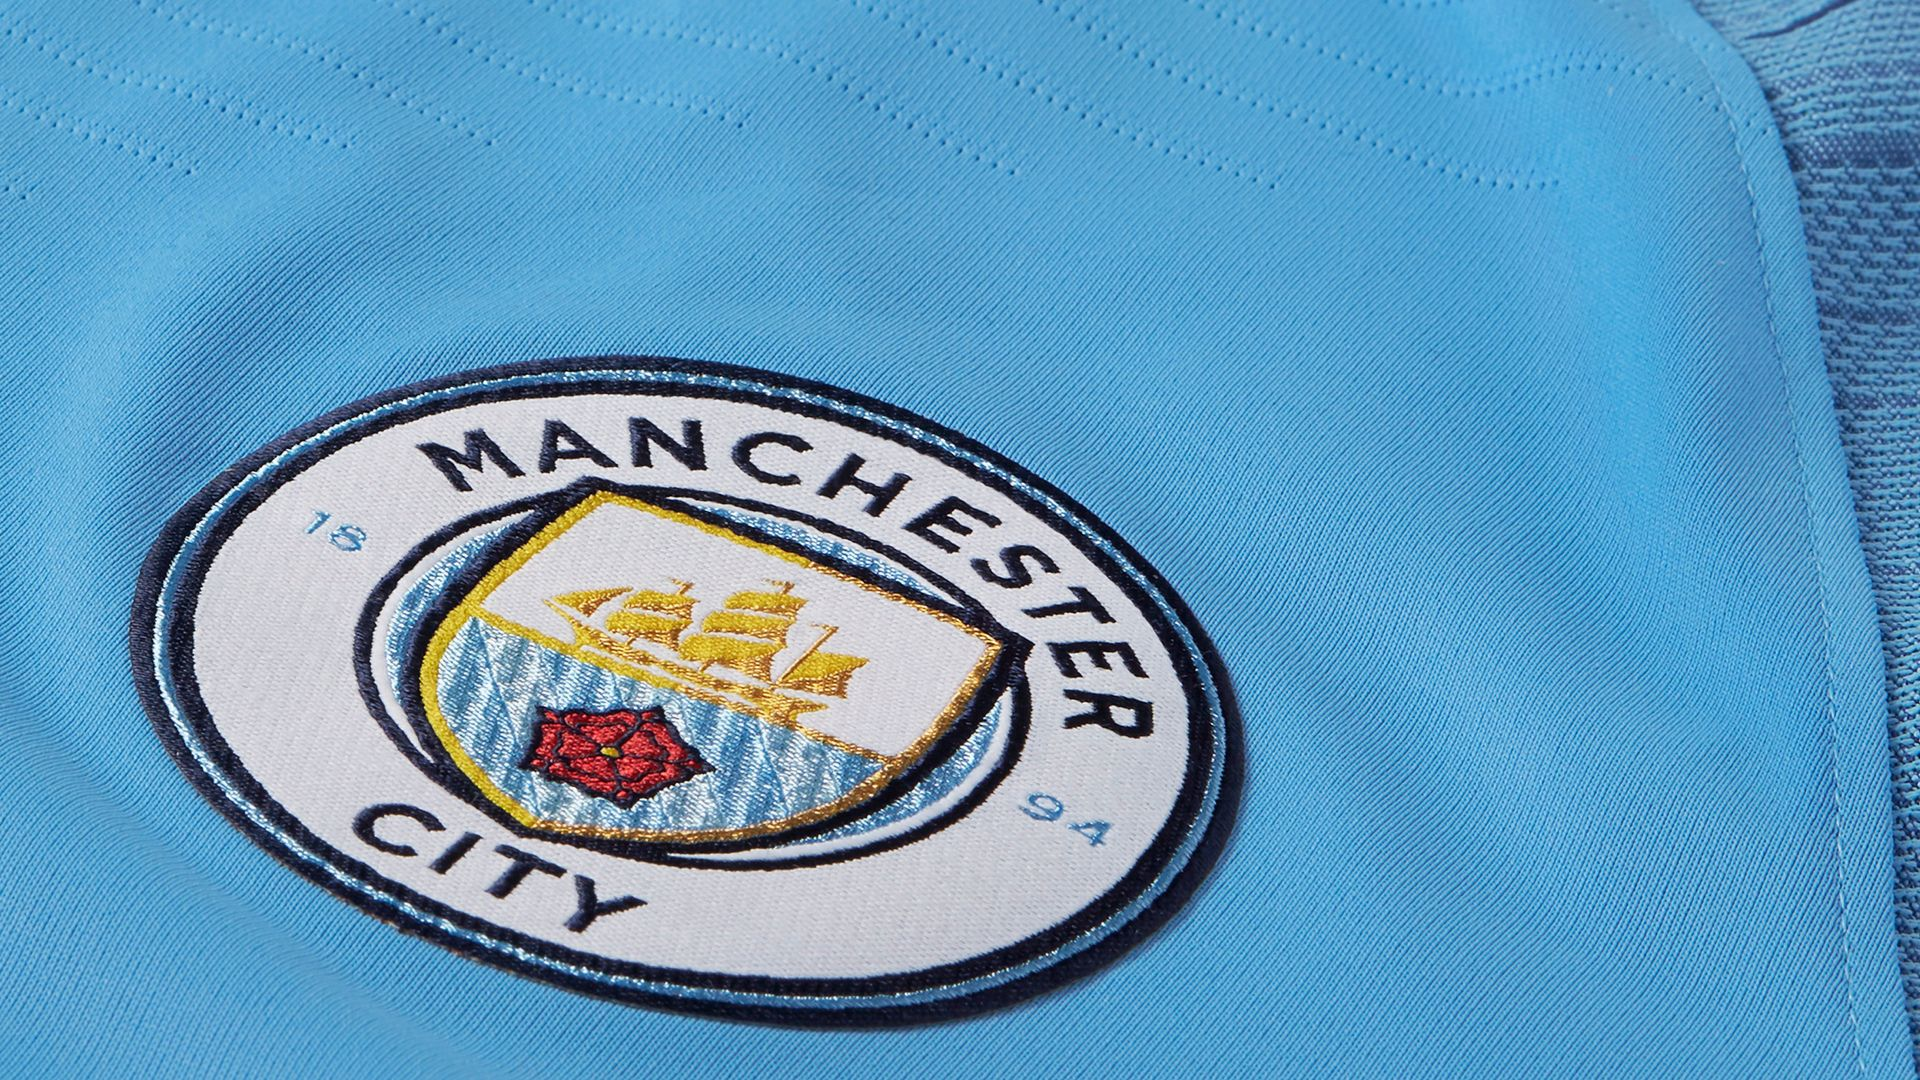 Manchester City good wallpaper hd